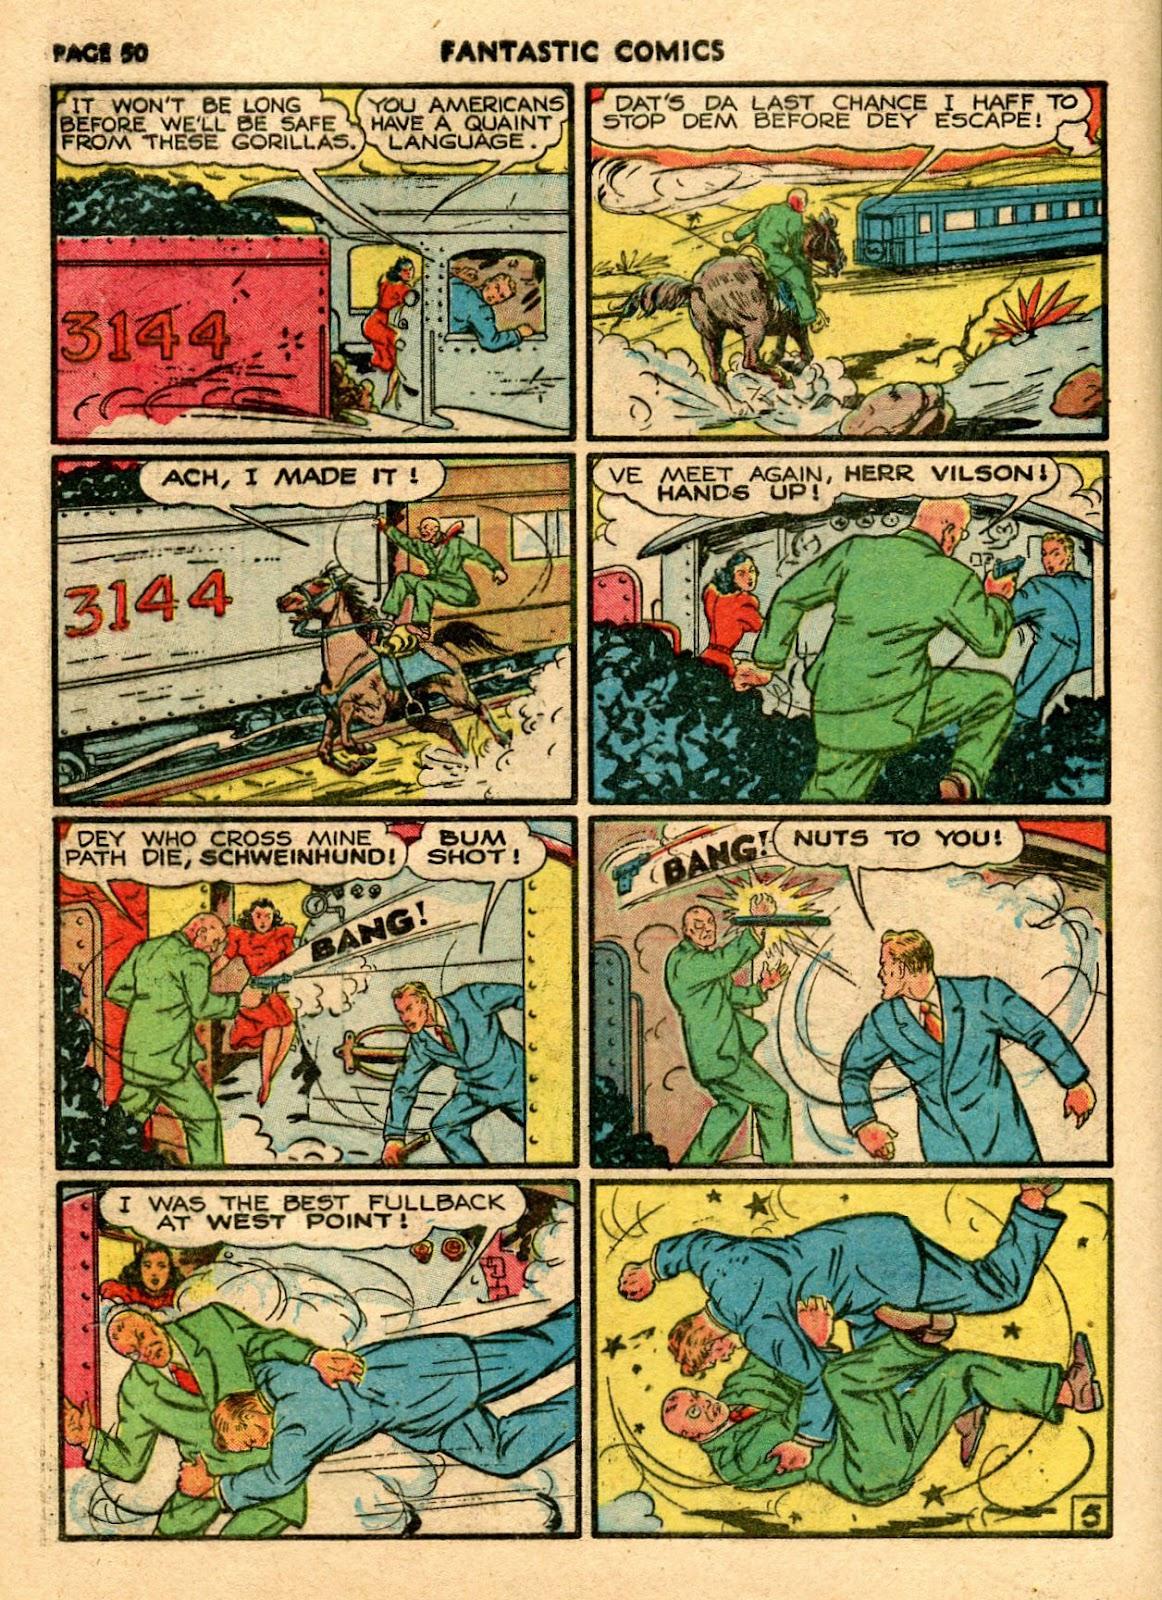 Read online Fantastic Comics comic -  Issue #21 - 48